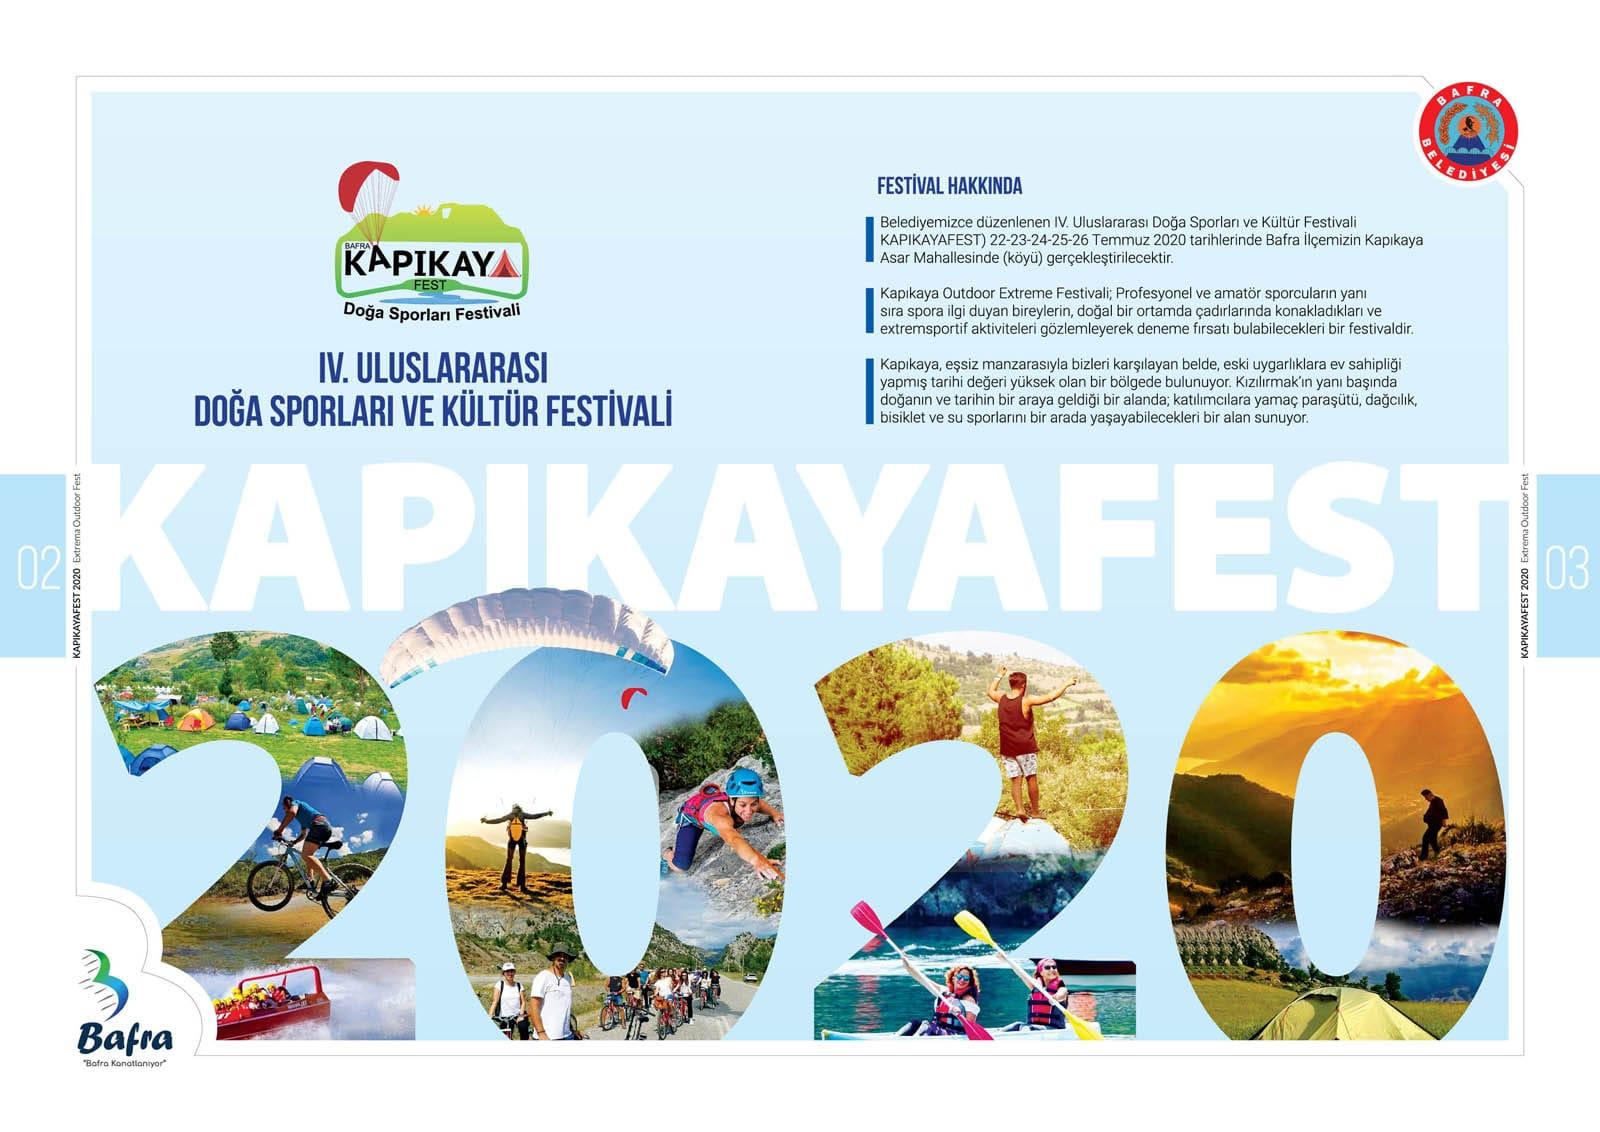 kapikafest-2020-2-min.jpg